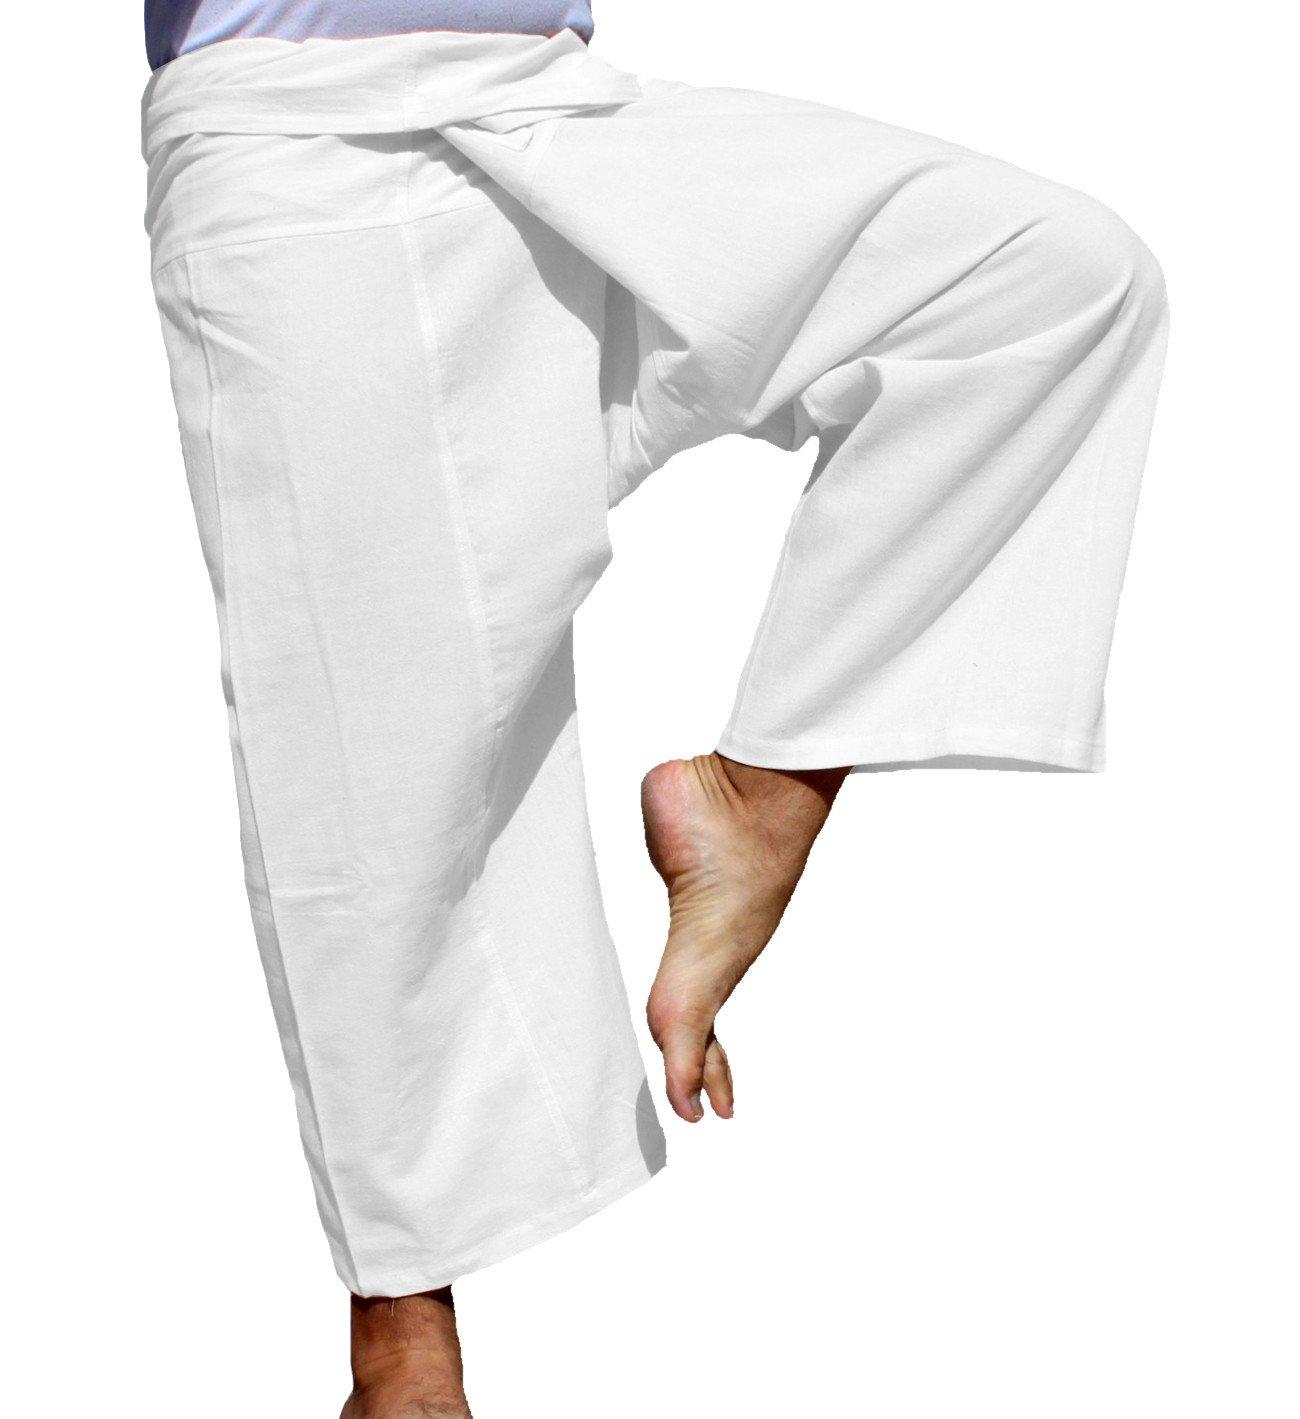 RaanPahMuang Brand Light Summer Cotton Thai Plus Fisherman Wrap Pants, XX-Large, White by RaanPahMuang